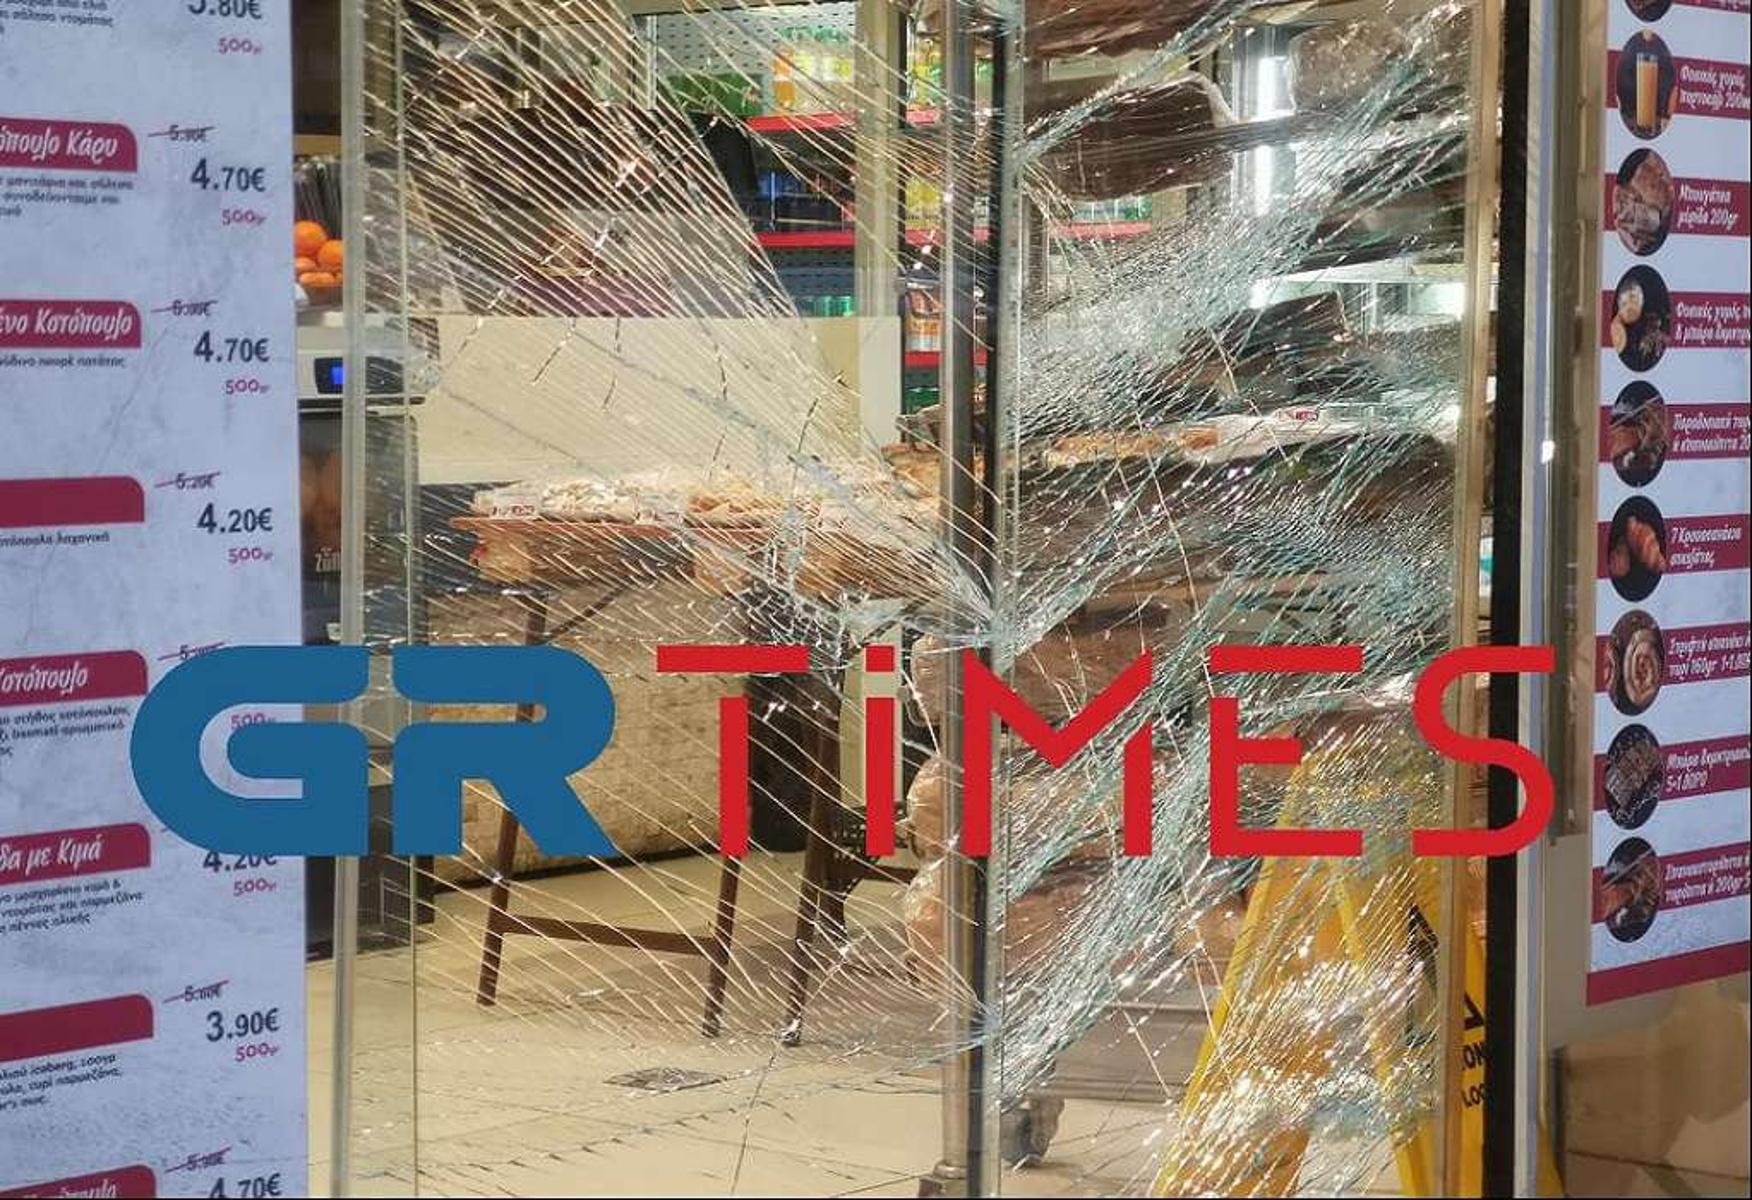 Θεσσαλονίκη: Κυνήγησαν και απείλησαν άνδρα με μαχαίρι – Έκαναν γυαλιά καρφιά κατάστημα